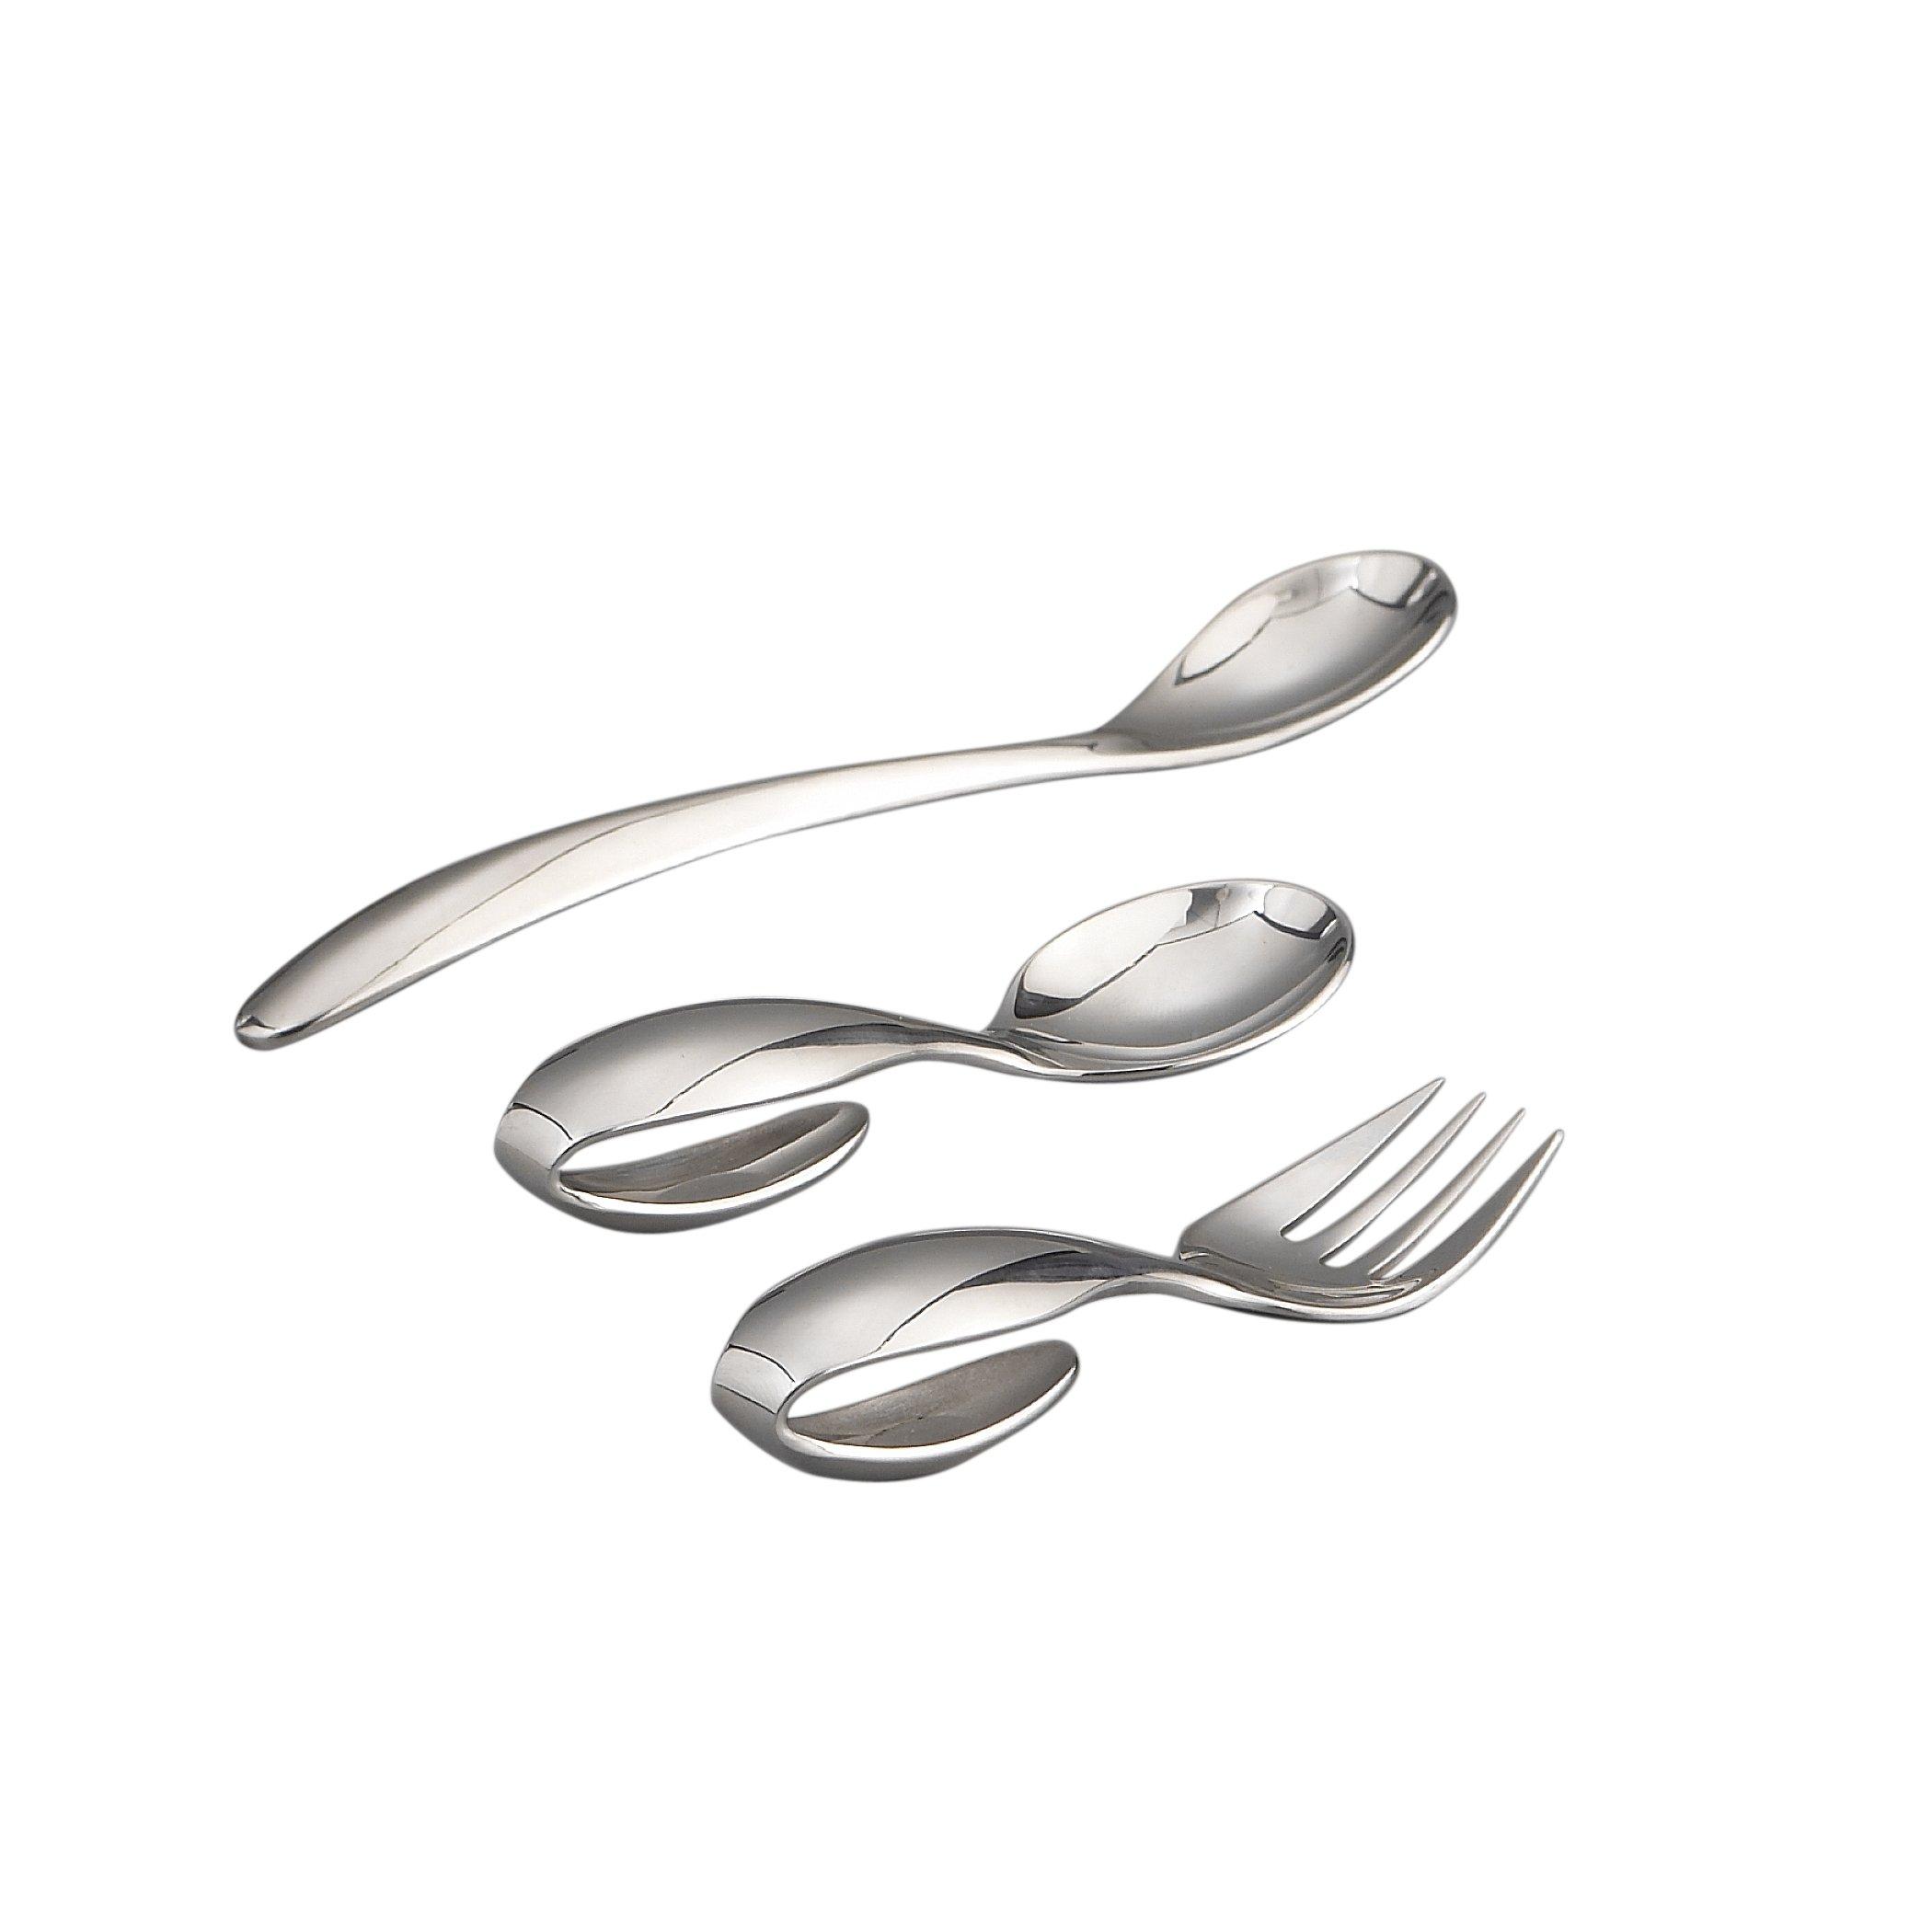 Nambe Baby Feeding Set - Loop Spoon, Loop Fork, and Feeding Spoon by Nambè